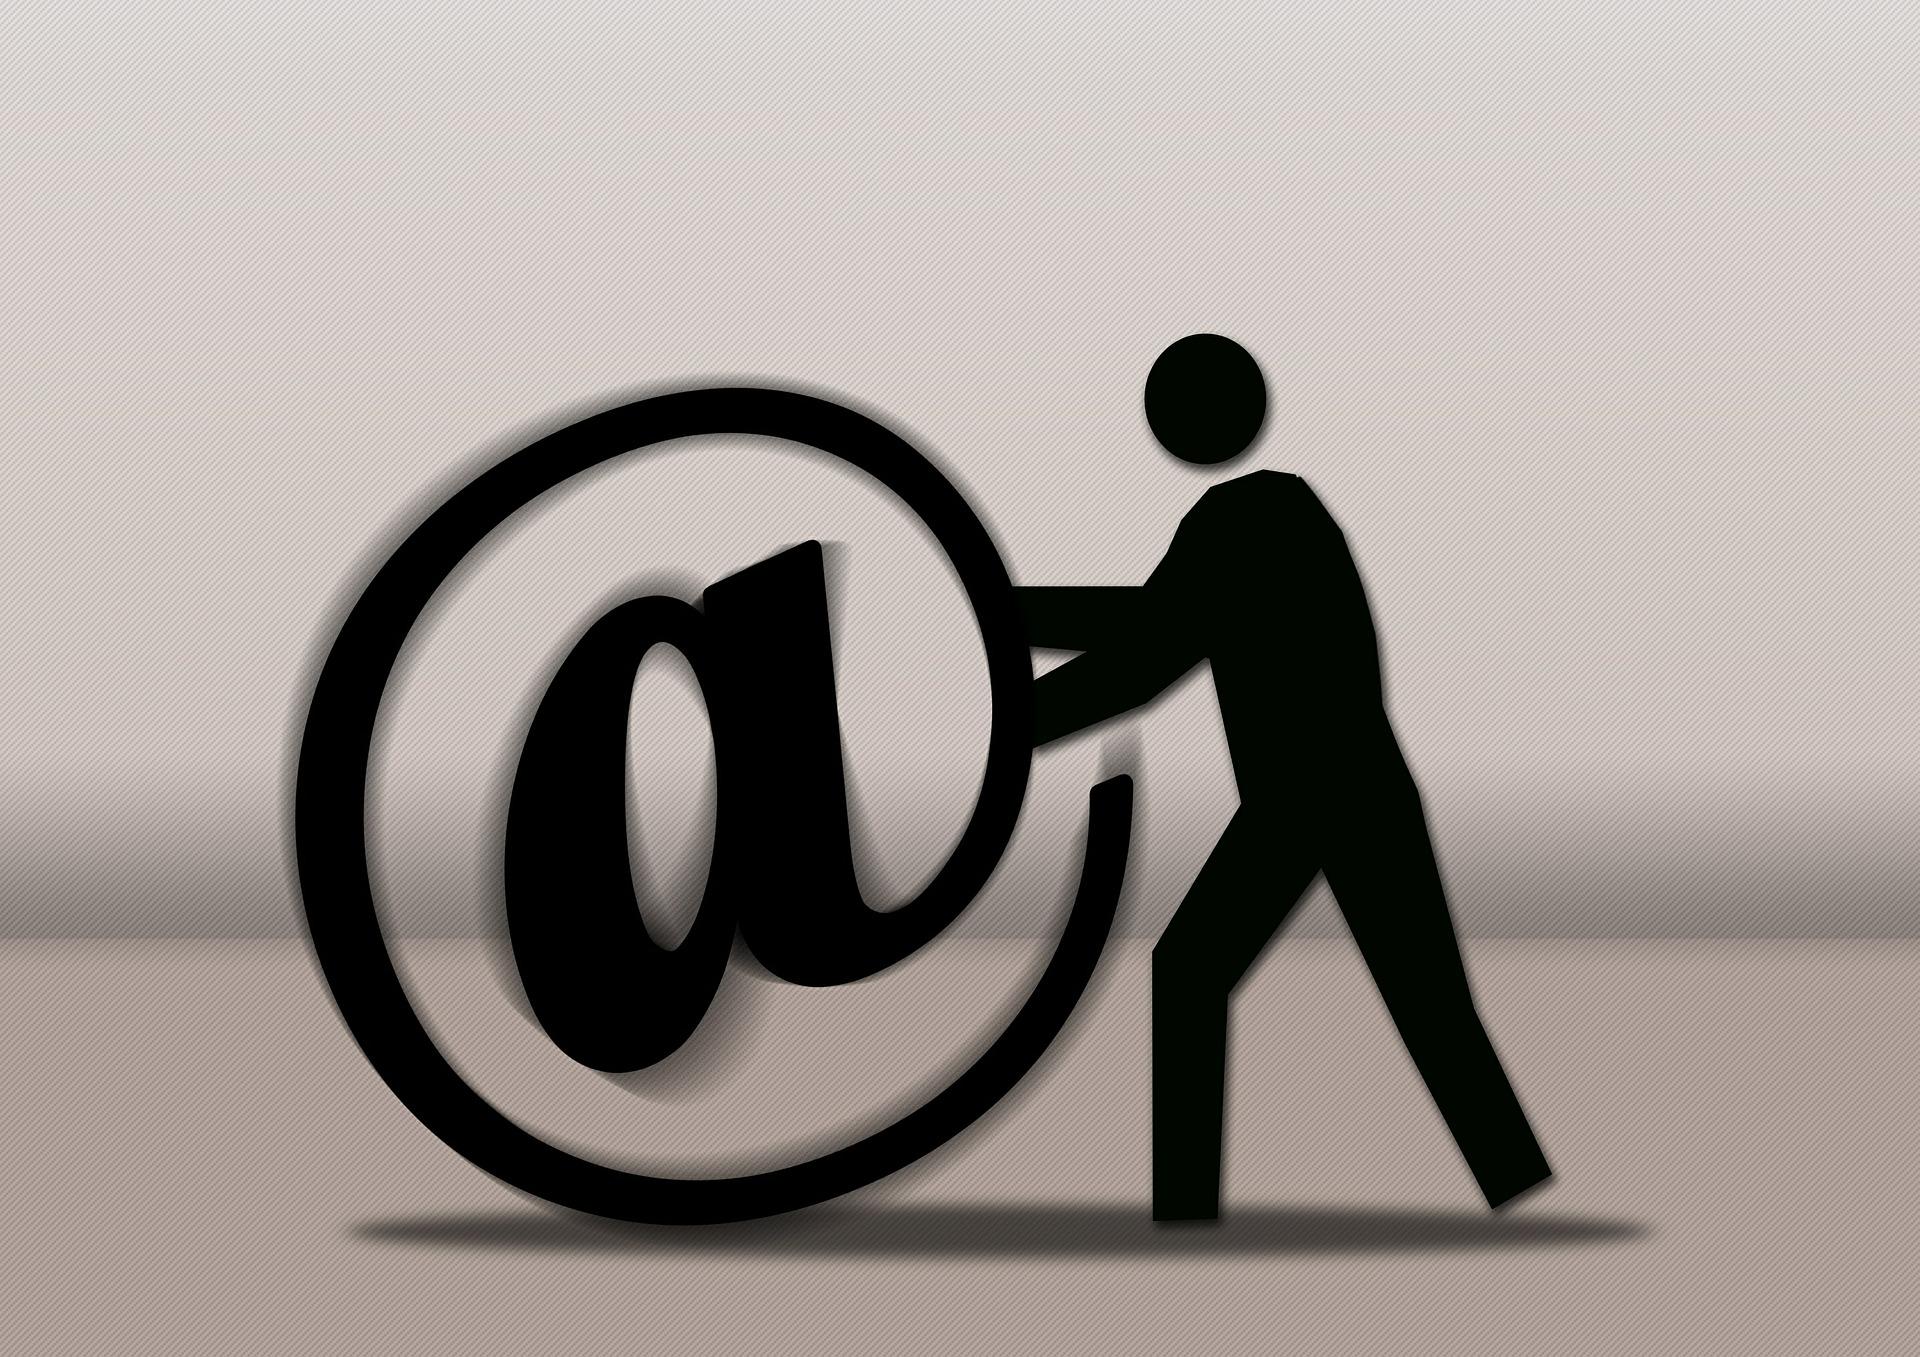 Fraudulent Emails & Pop-up Ads